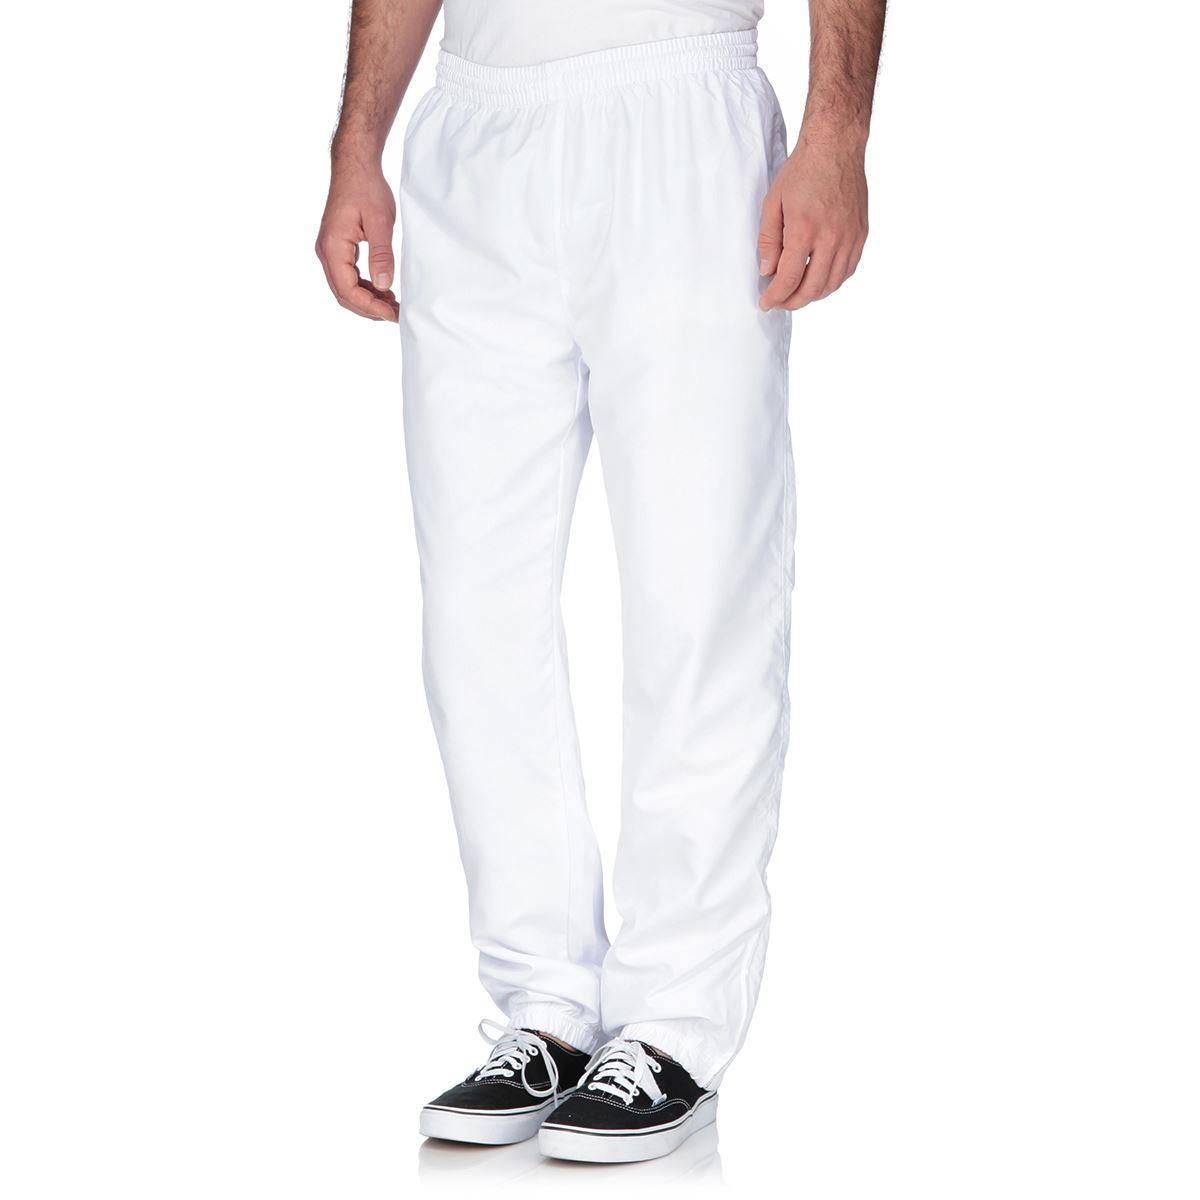 Pantalon blanc homme il donne un style unique - J ai decide de ne plus porter de sous vetements ...